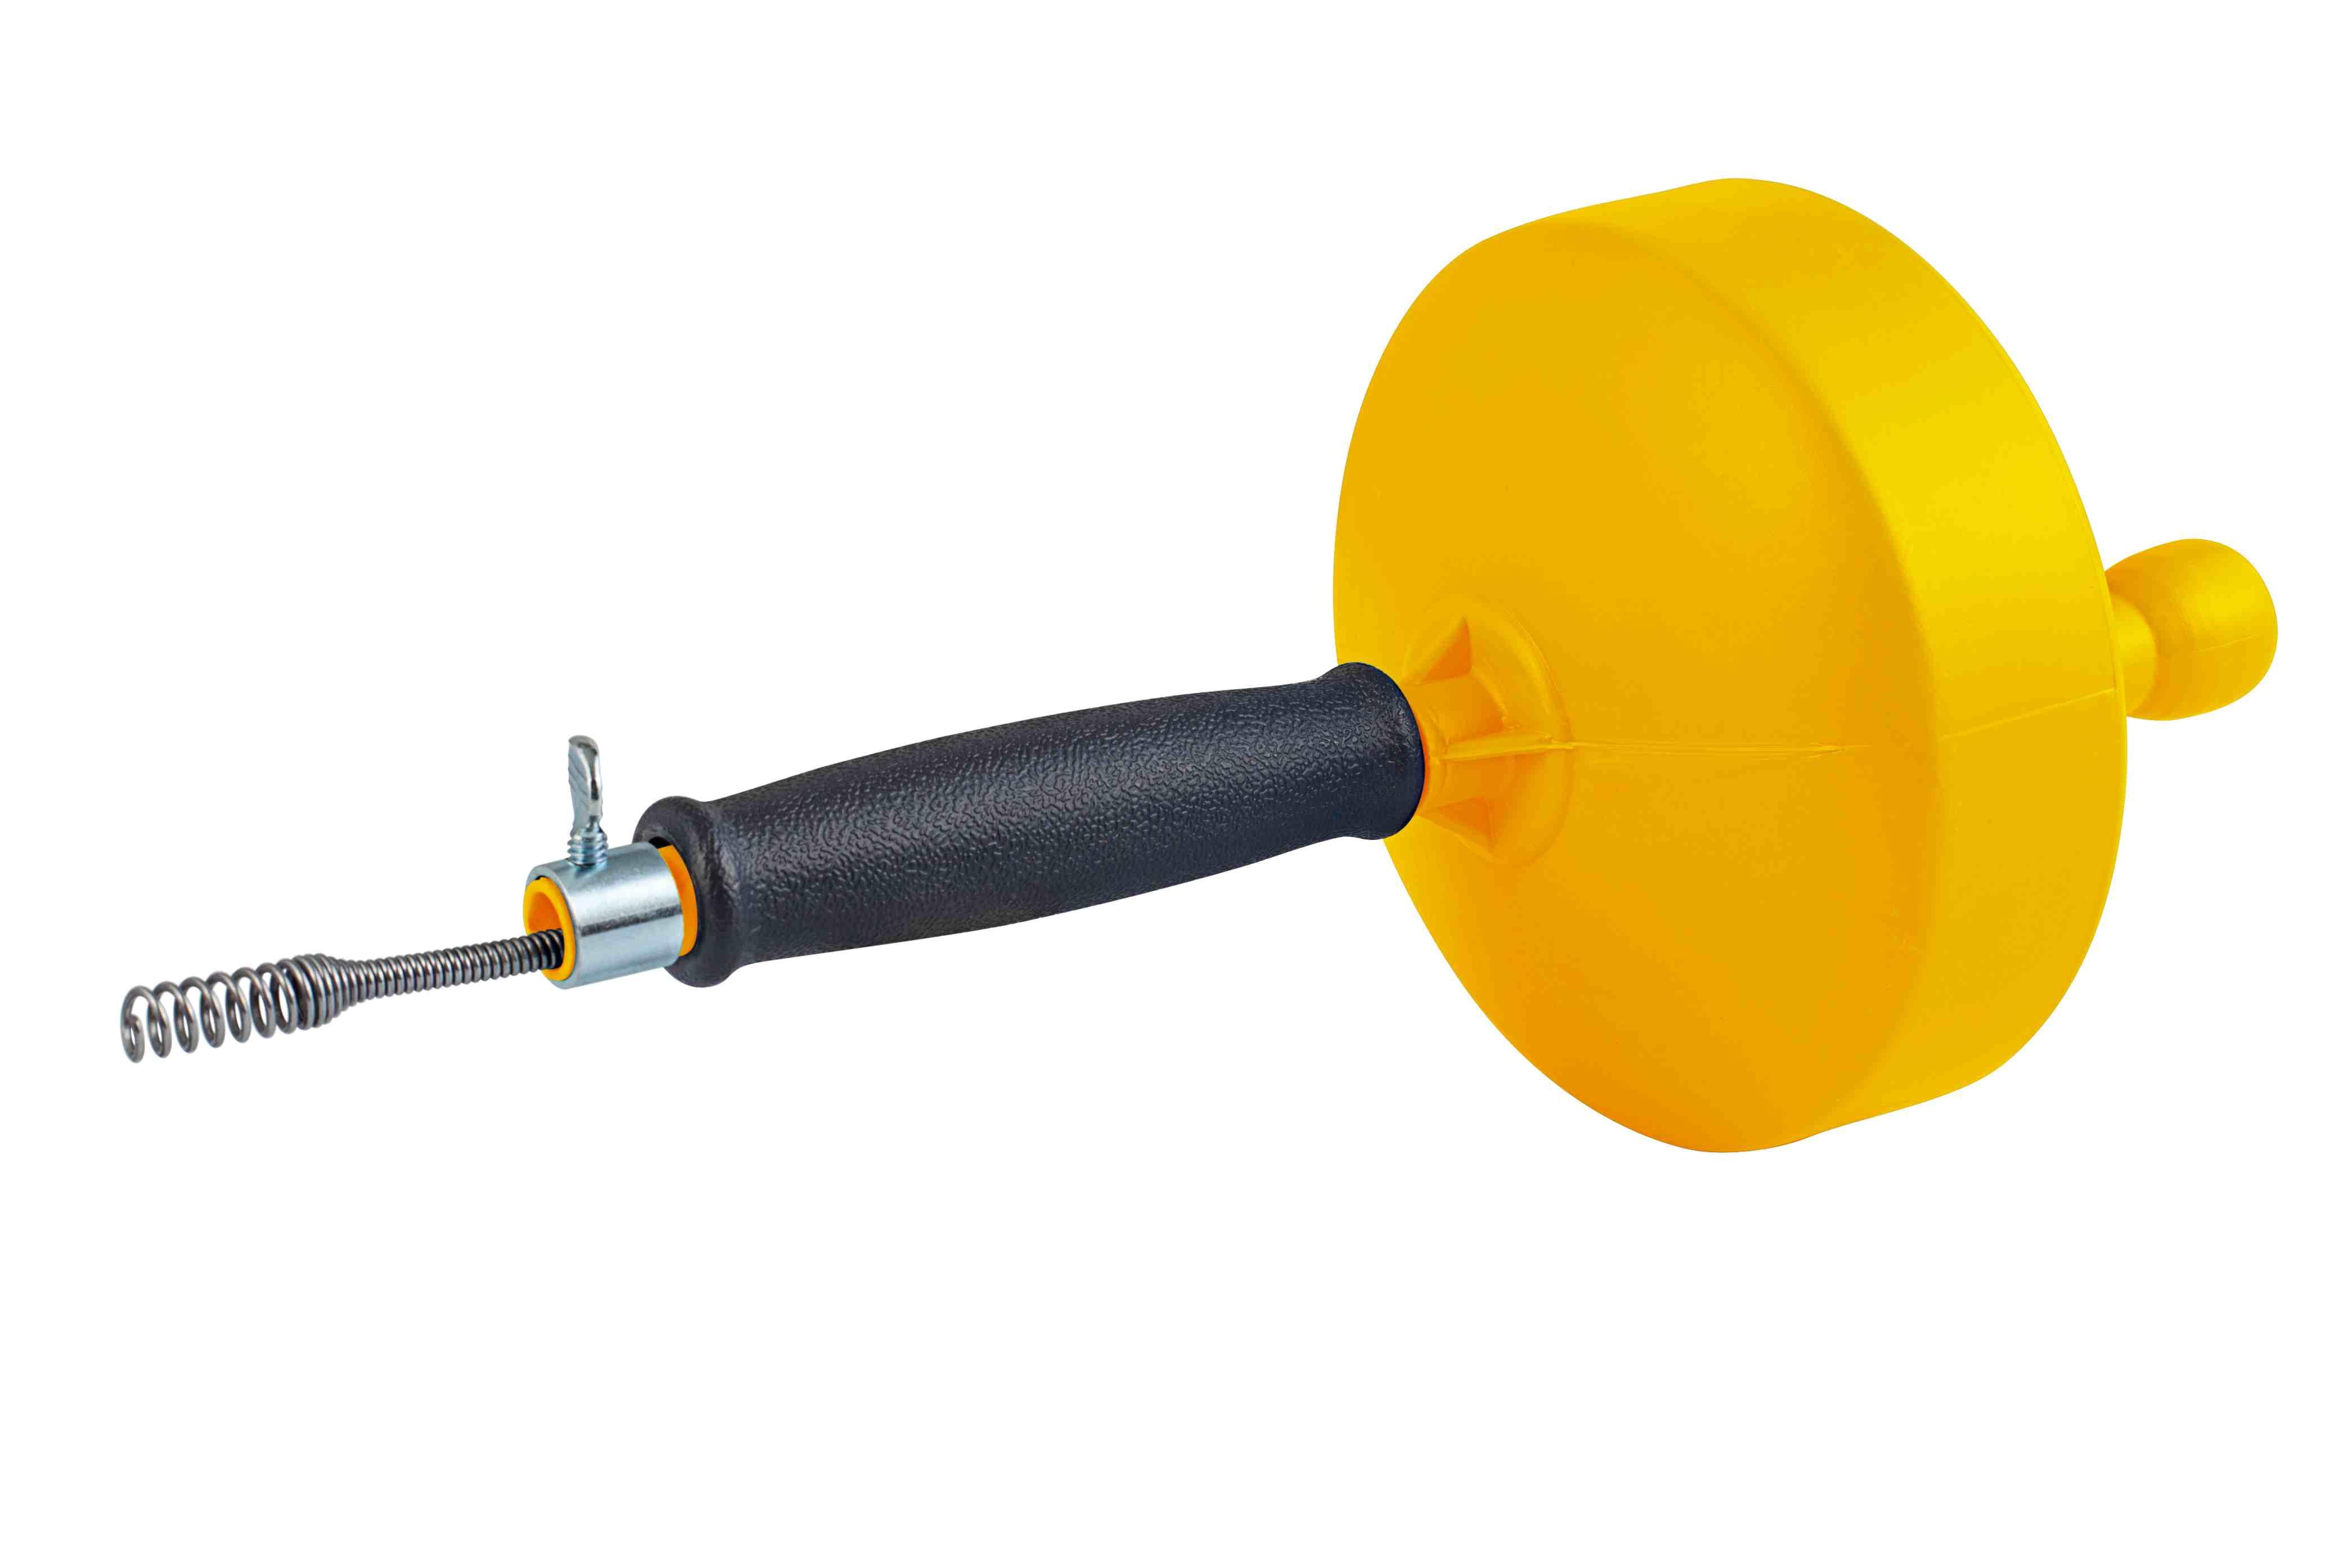 Трос для прочистки ДОМОЧИСТ ВП6-3 трос для прочистки gerat 10мм 7 5м